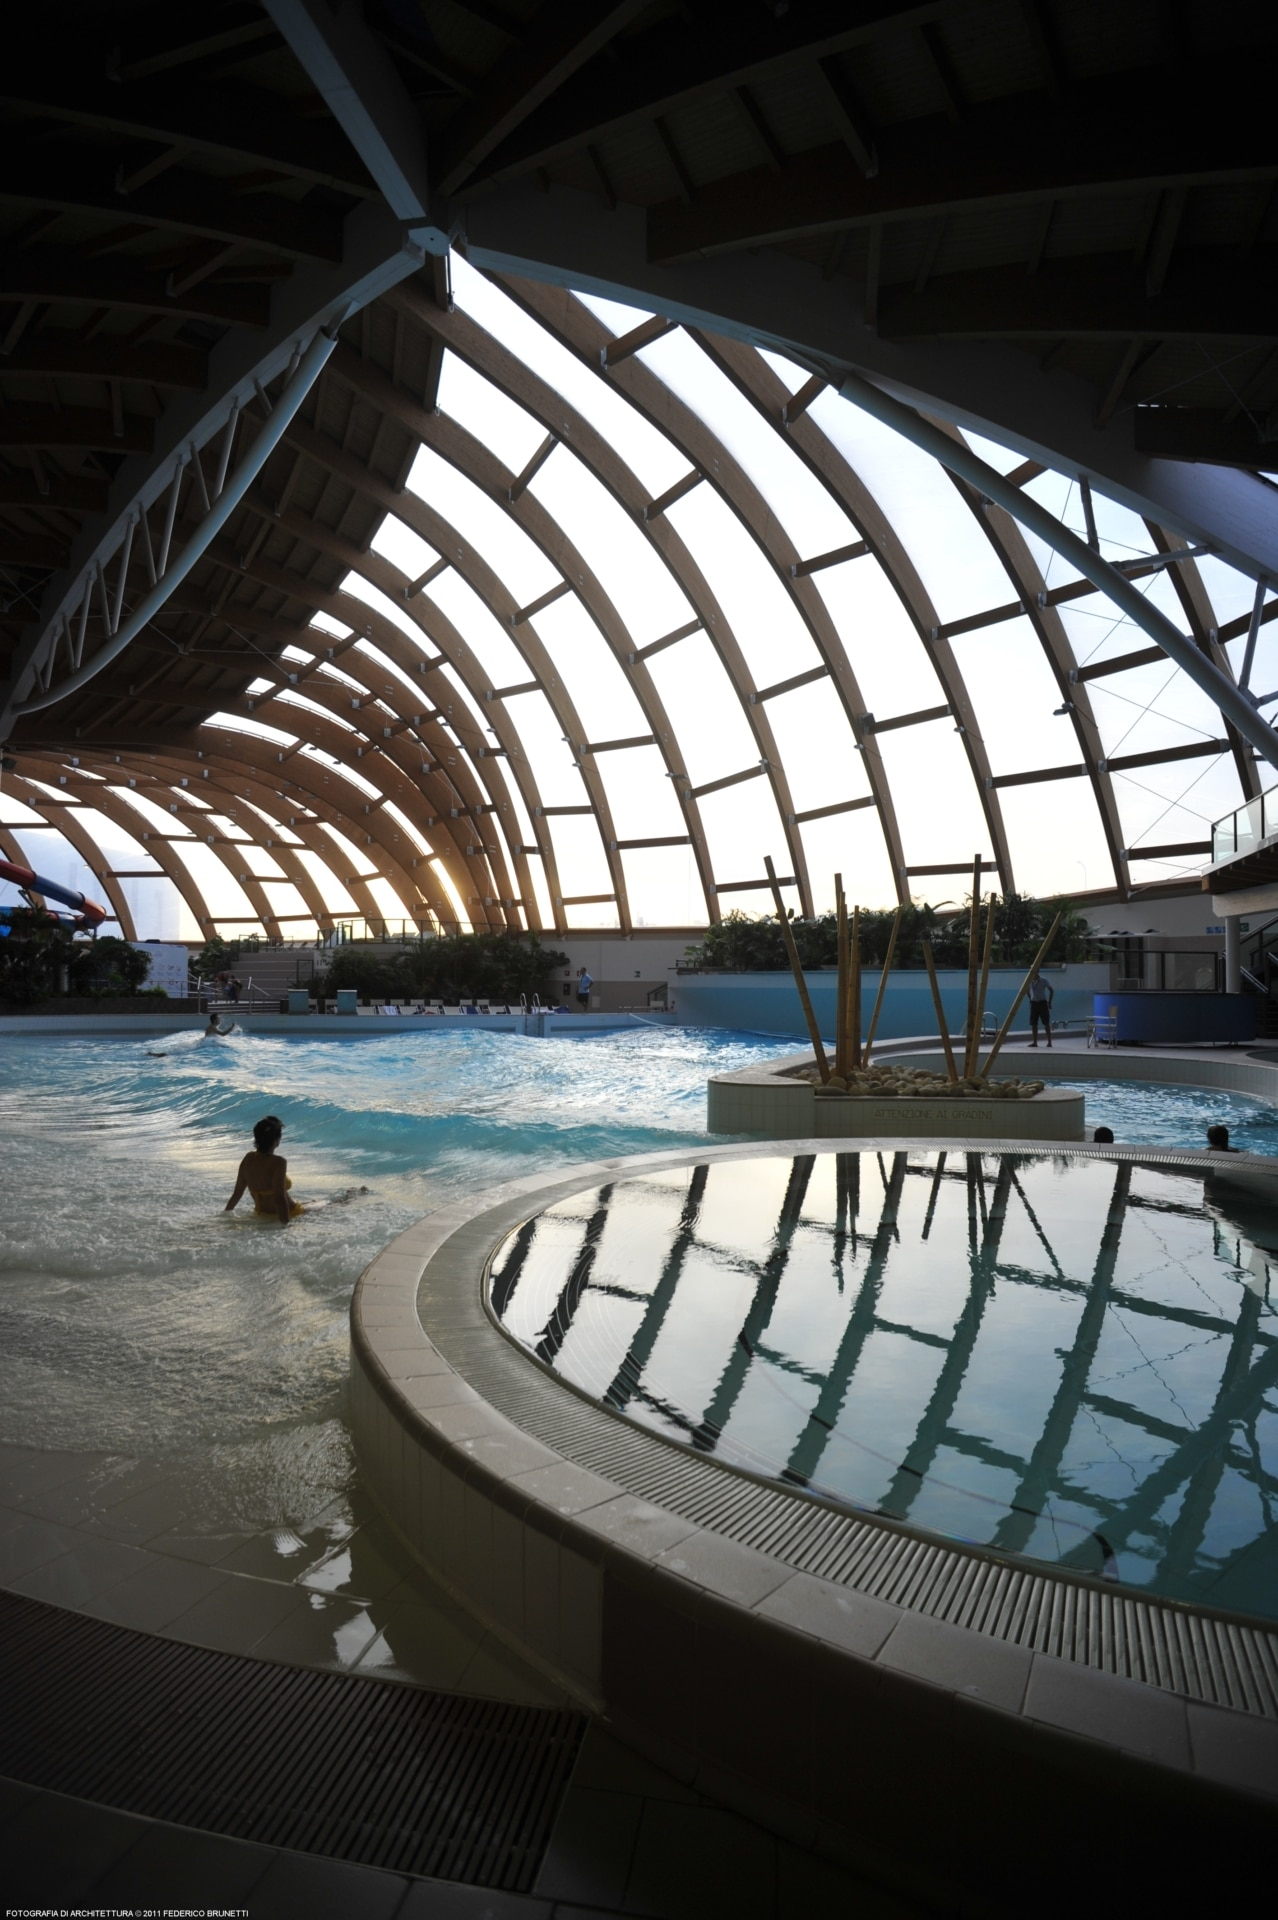 Das Texlon® ETFE-Dach besteht aus 48 ETFE-Kissen